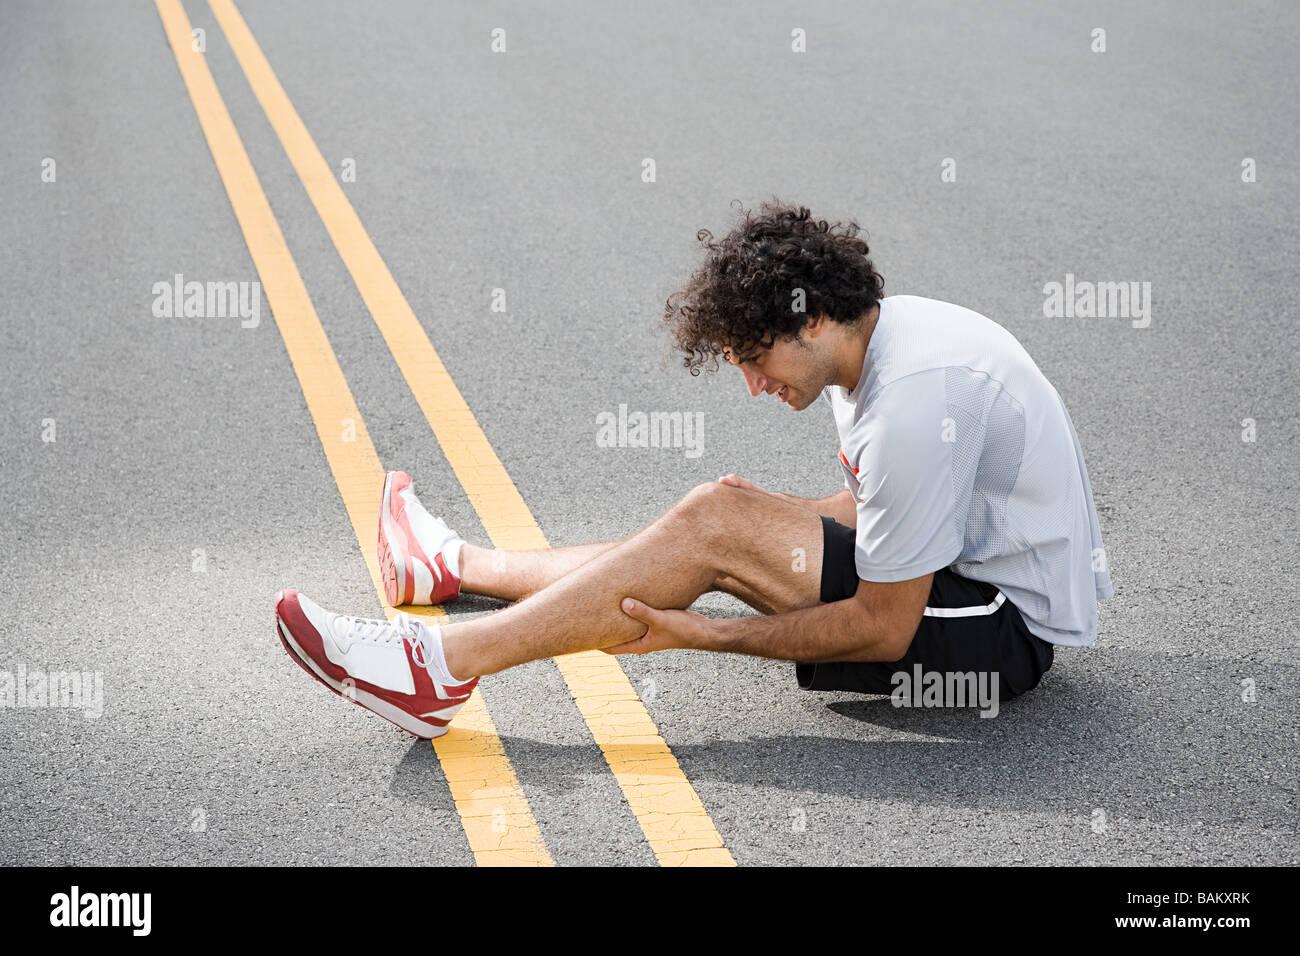 Glissière avec la jambe blessée Photo Stock